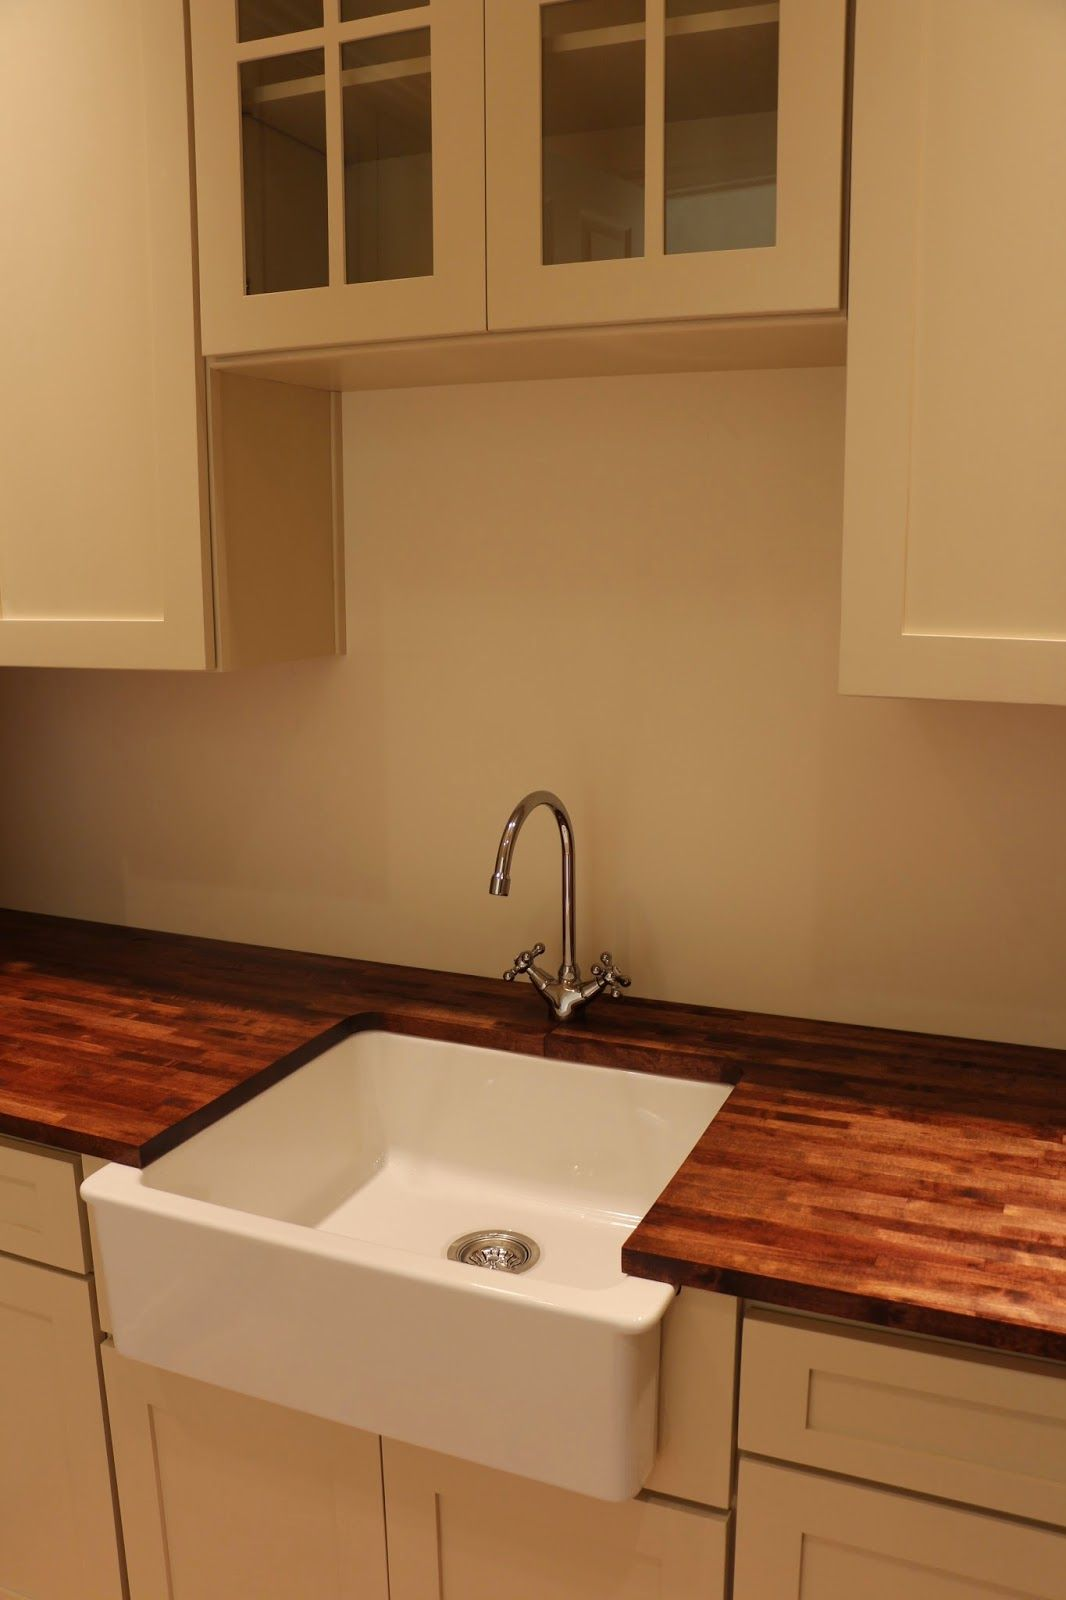 Domsjo sink farmhouse sink wood countertops varde for Ikea kitchen sink domsjo